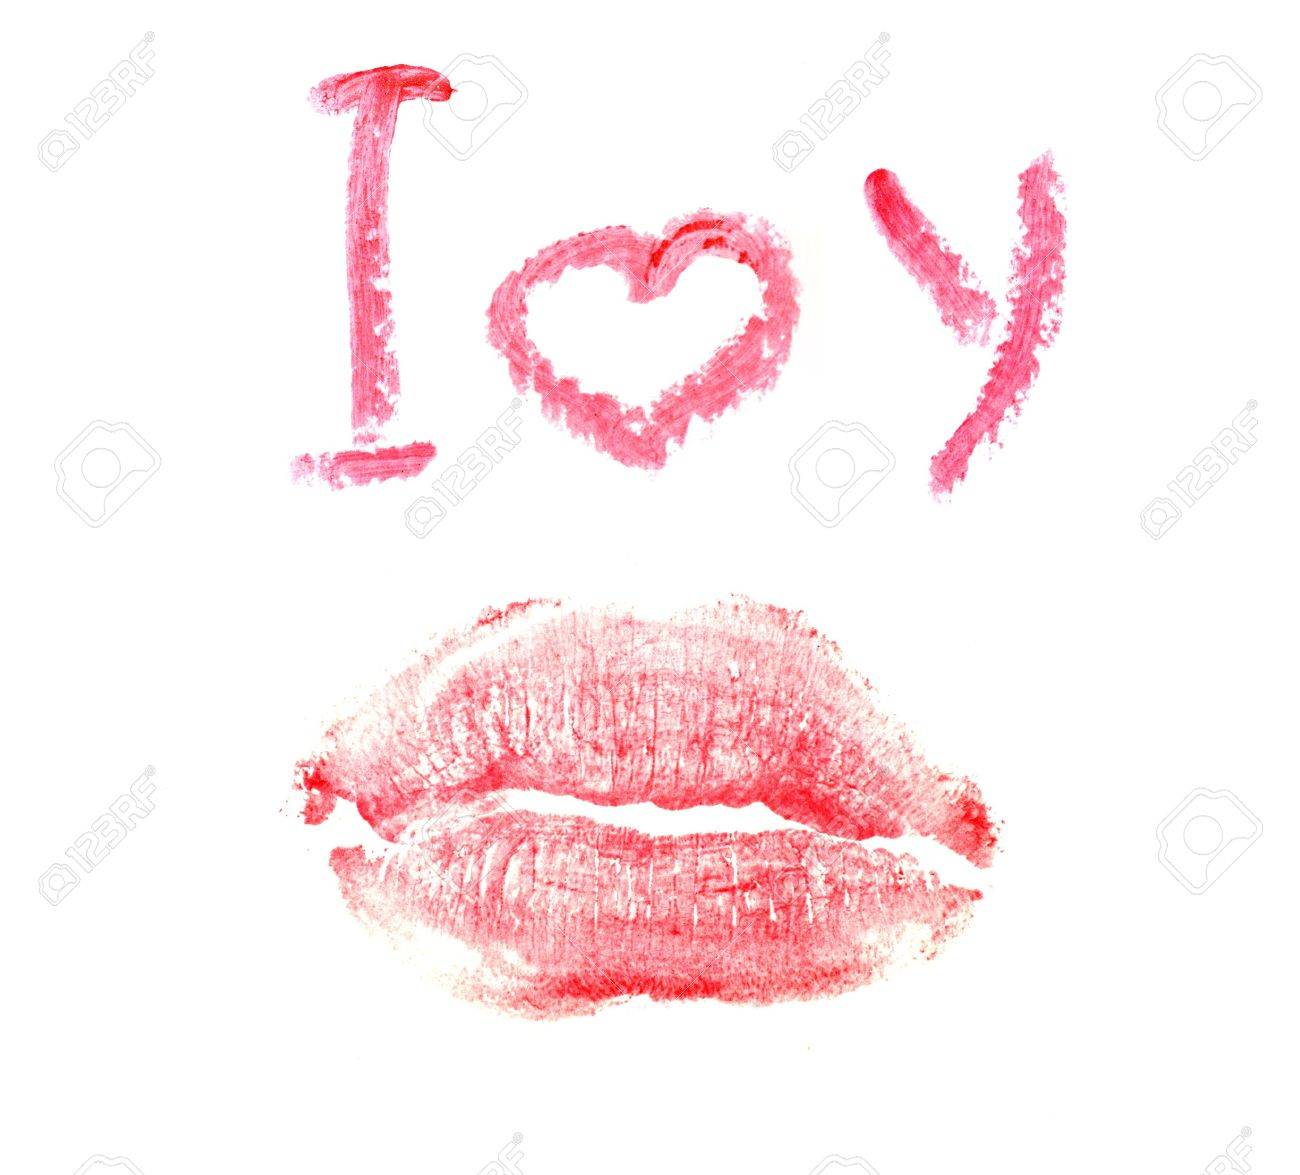 Außergewöhnlich Valentinstag, Valentine Karte, Isoliert, Liebe Schreiben, Liebling  Lizenzfreie Bilder